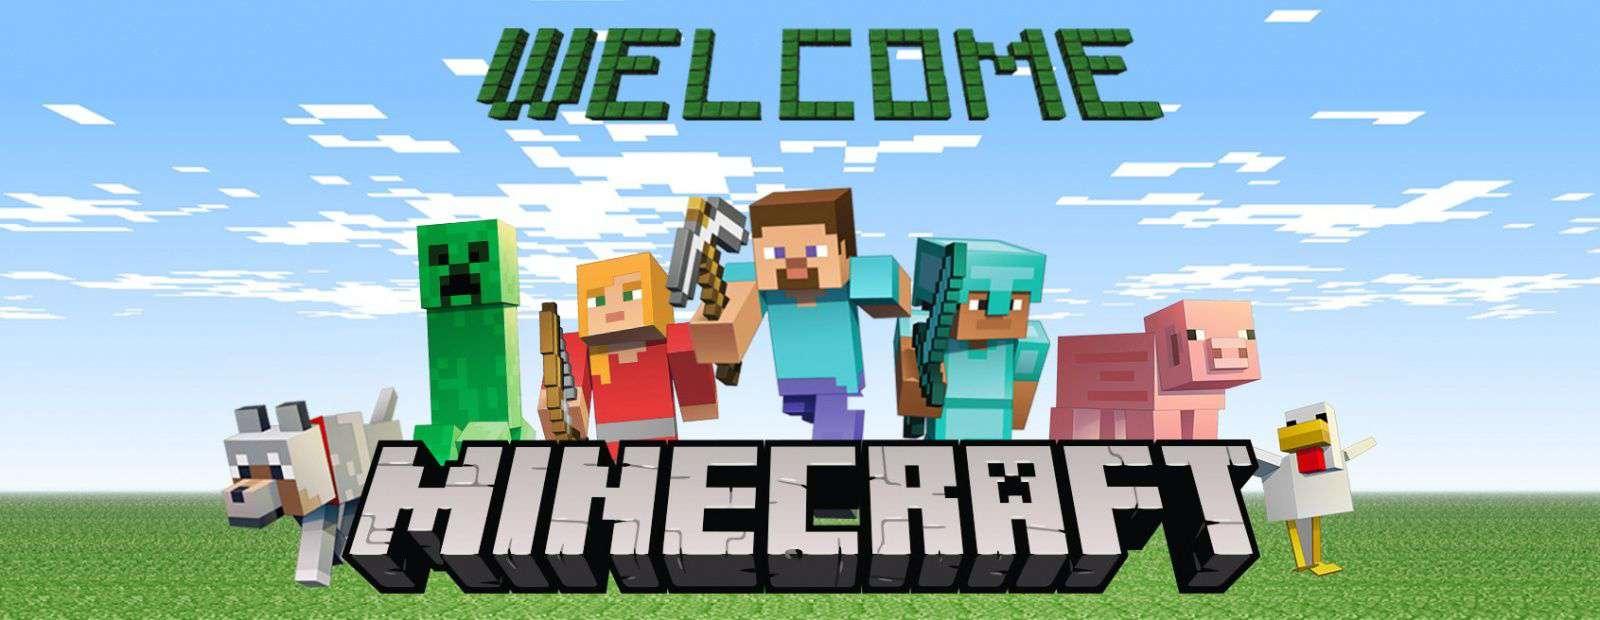 Microsoft S'offre La Licence Jeu Vidéo Minecraft Pour 2,5 à Jeux Video 5 Ans